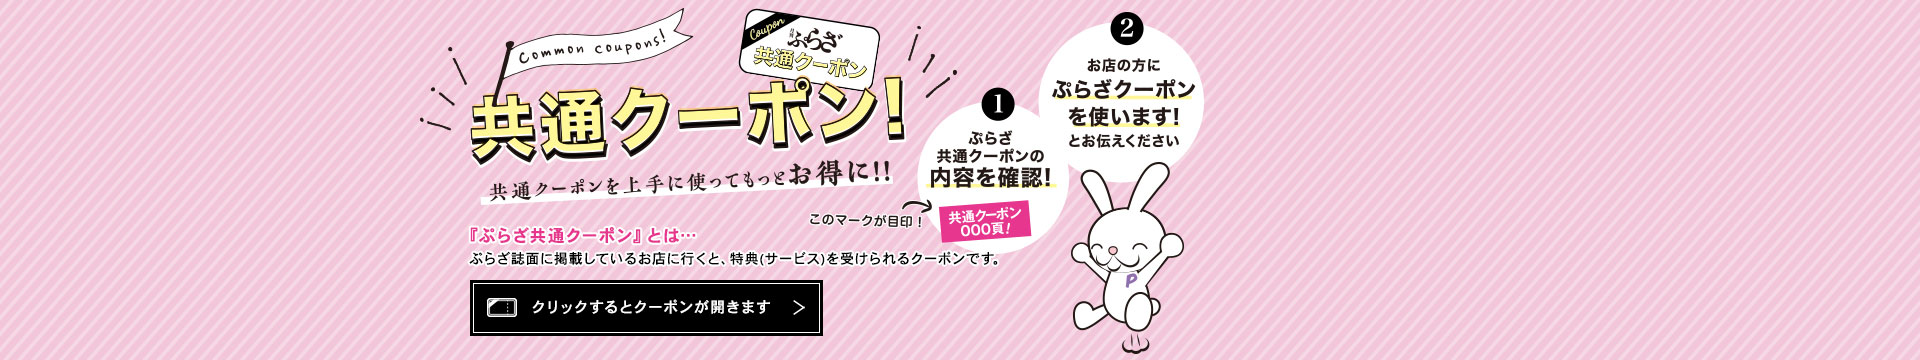 ぷらざ共通クーポン 上手に使ってもっとお得に!! ぷらざ誌面に掲載しているお店に行くと、特典(サービス)を受けられるクーポンです。